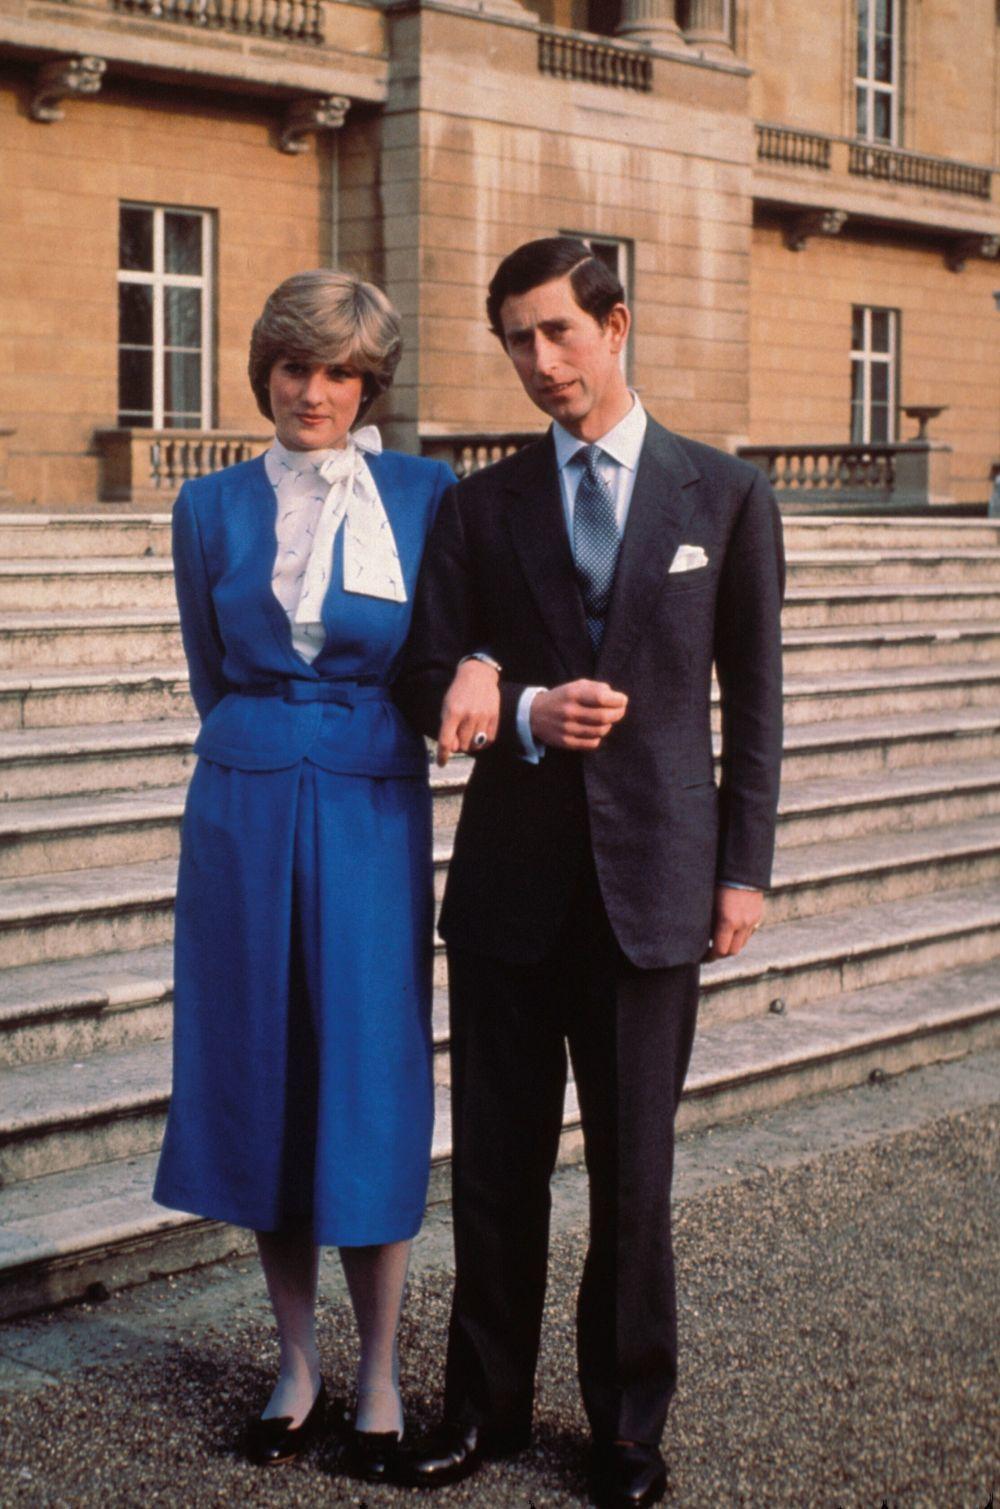 Con su corte icónico junto al príncipe Carlos el día que fue oficial su compromiso.